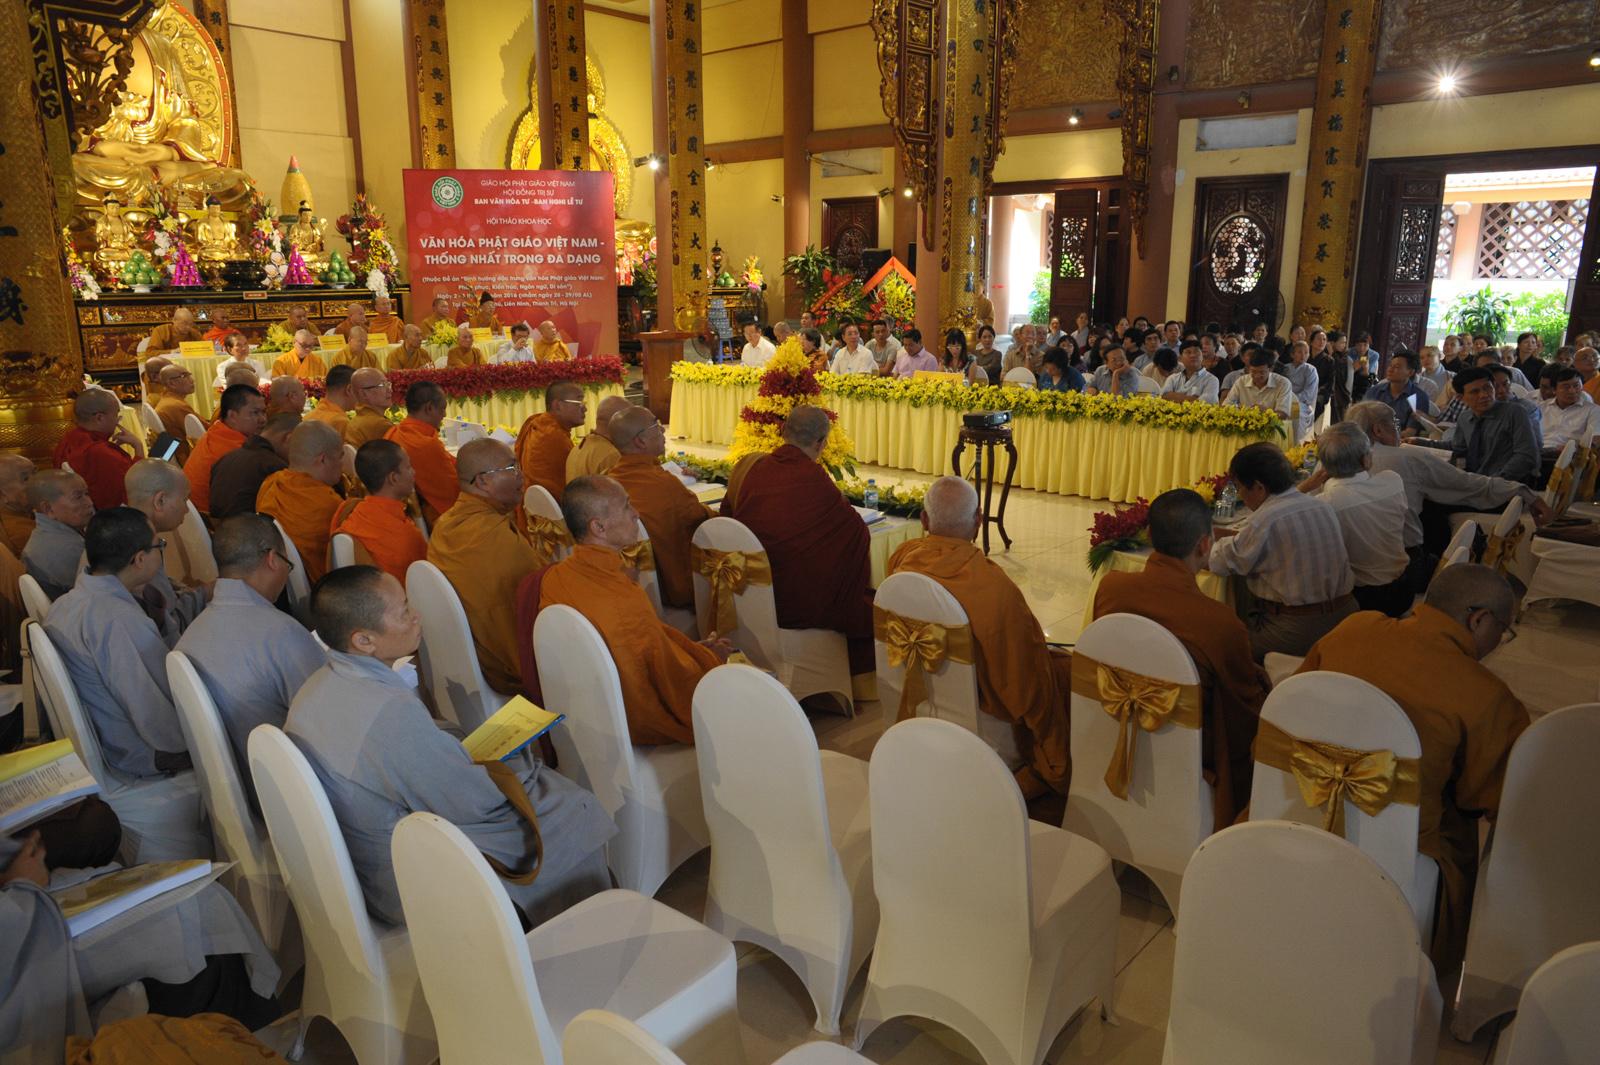 Hội thảo về Kiến trúc Phật giáo Việt Nam